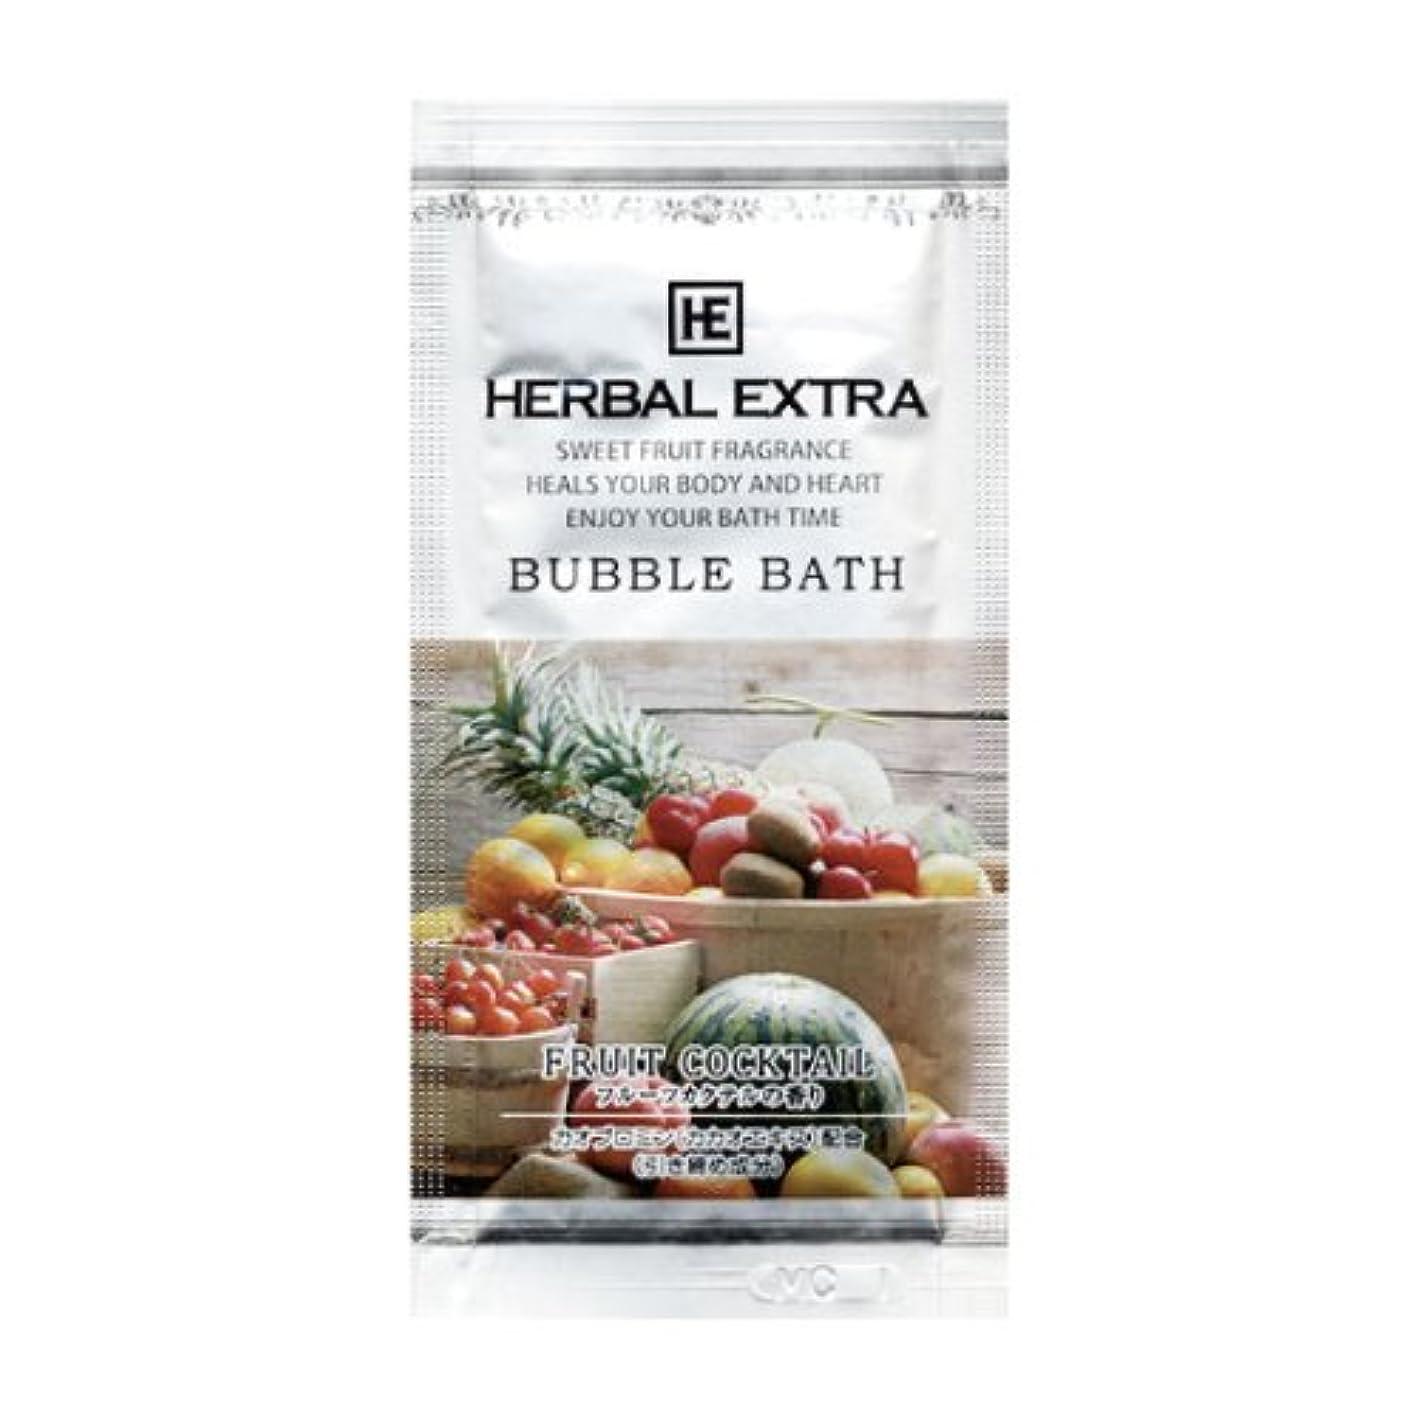 突破口柔らかい食料品店ハーバルエクストラ バブルバス フルーツカクテルの香り 100包